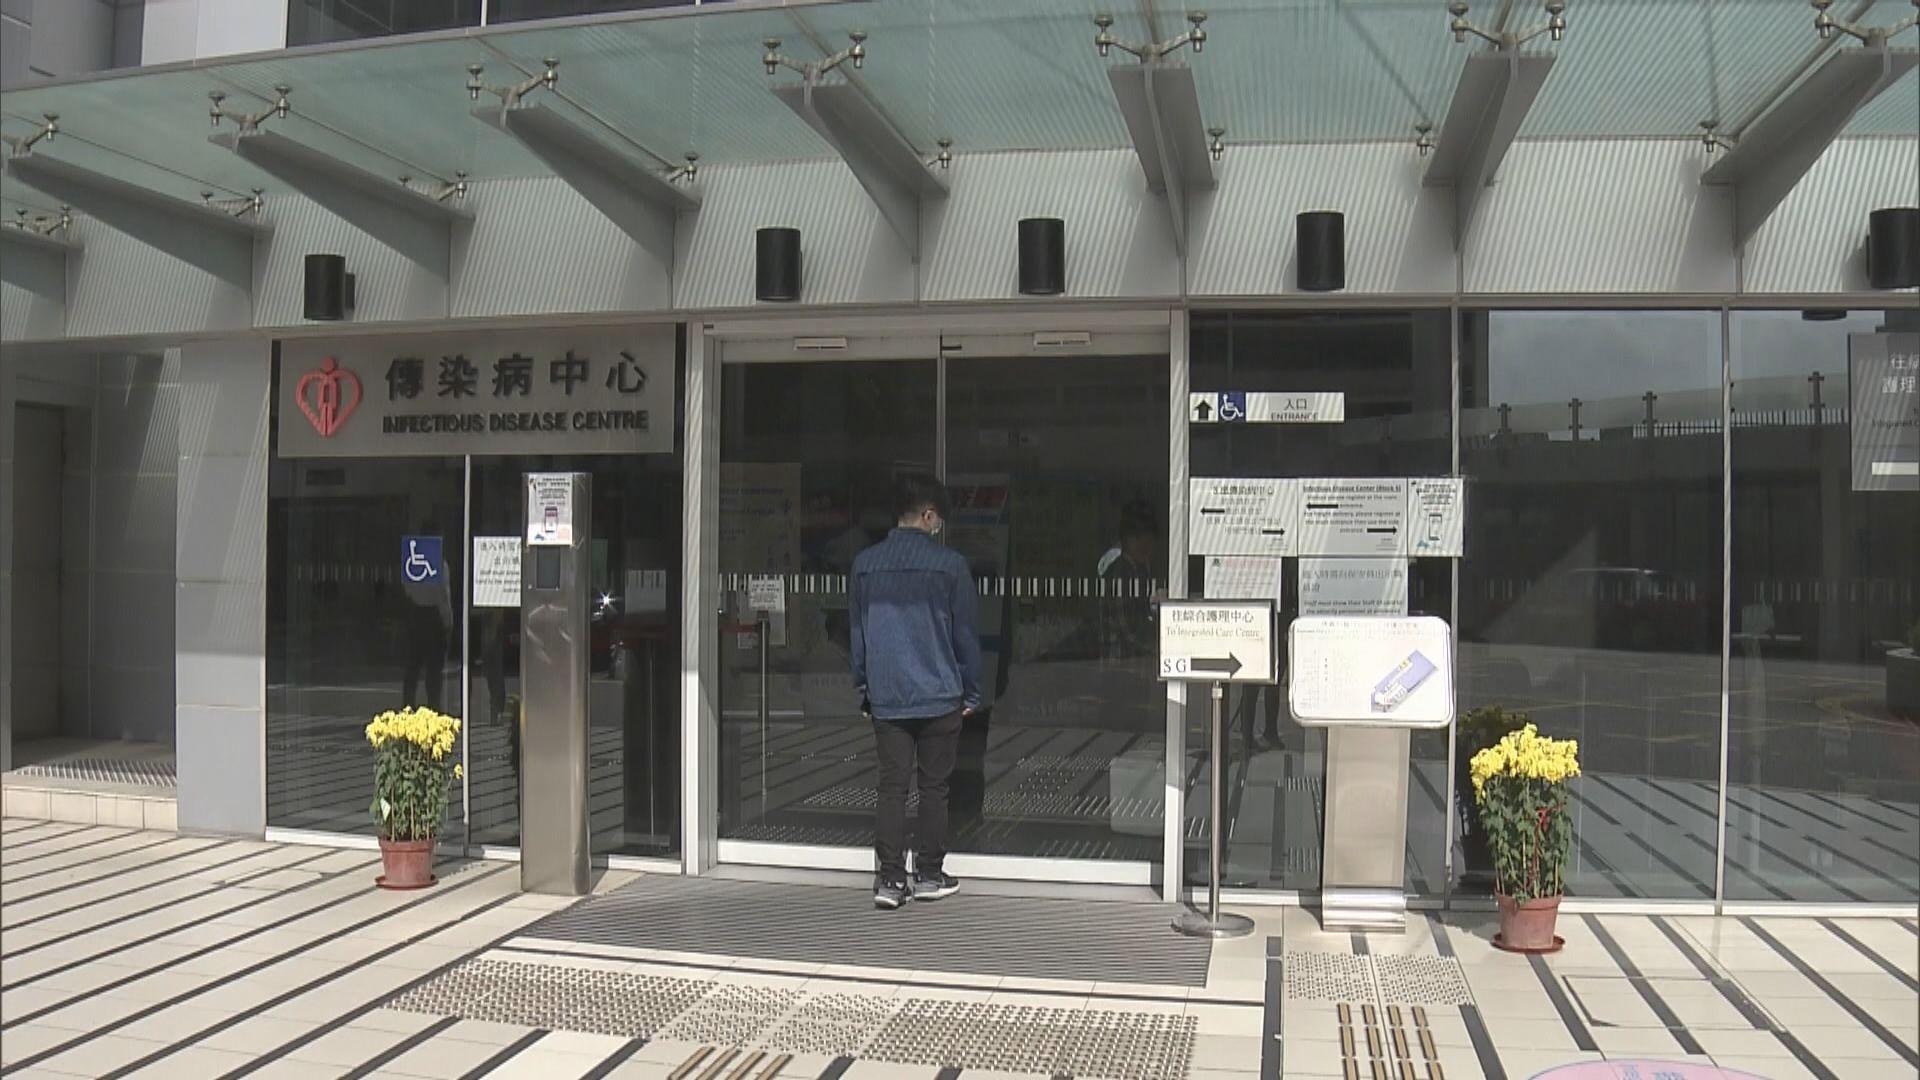 瑪嘉烈醫院負壓病房故障半小時 維修公司下午曾檢查